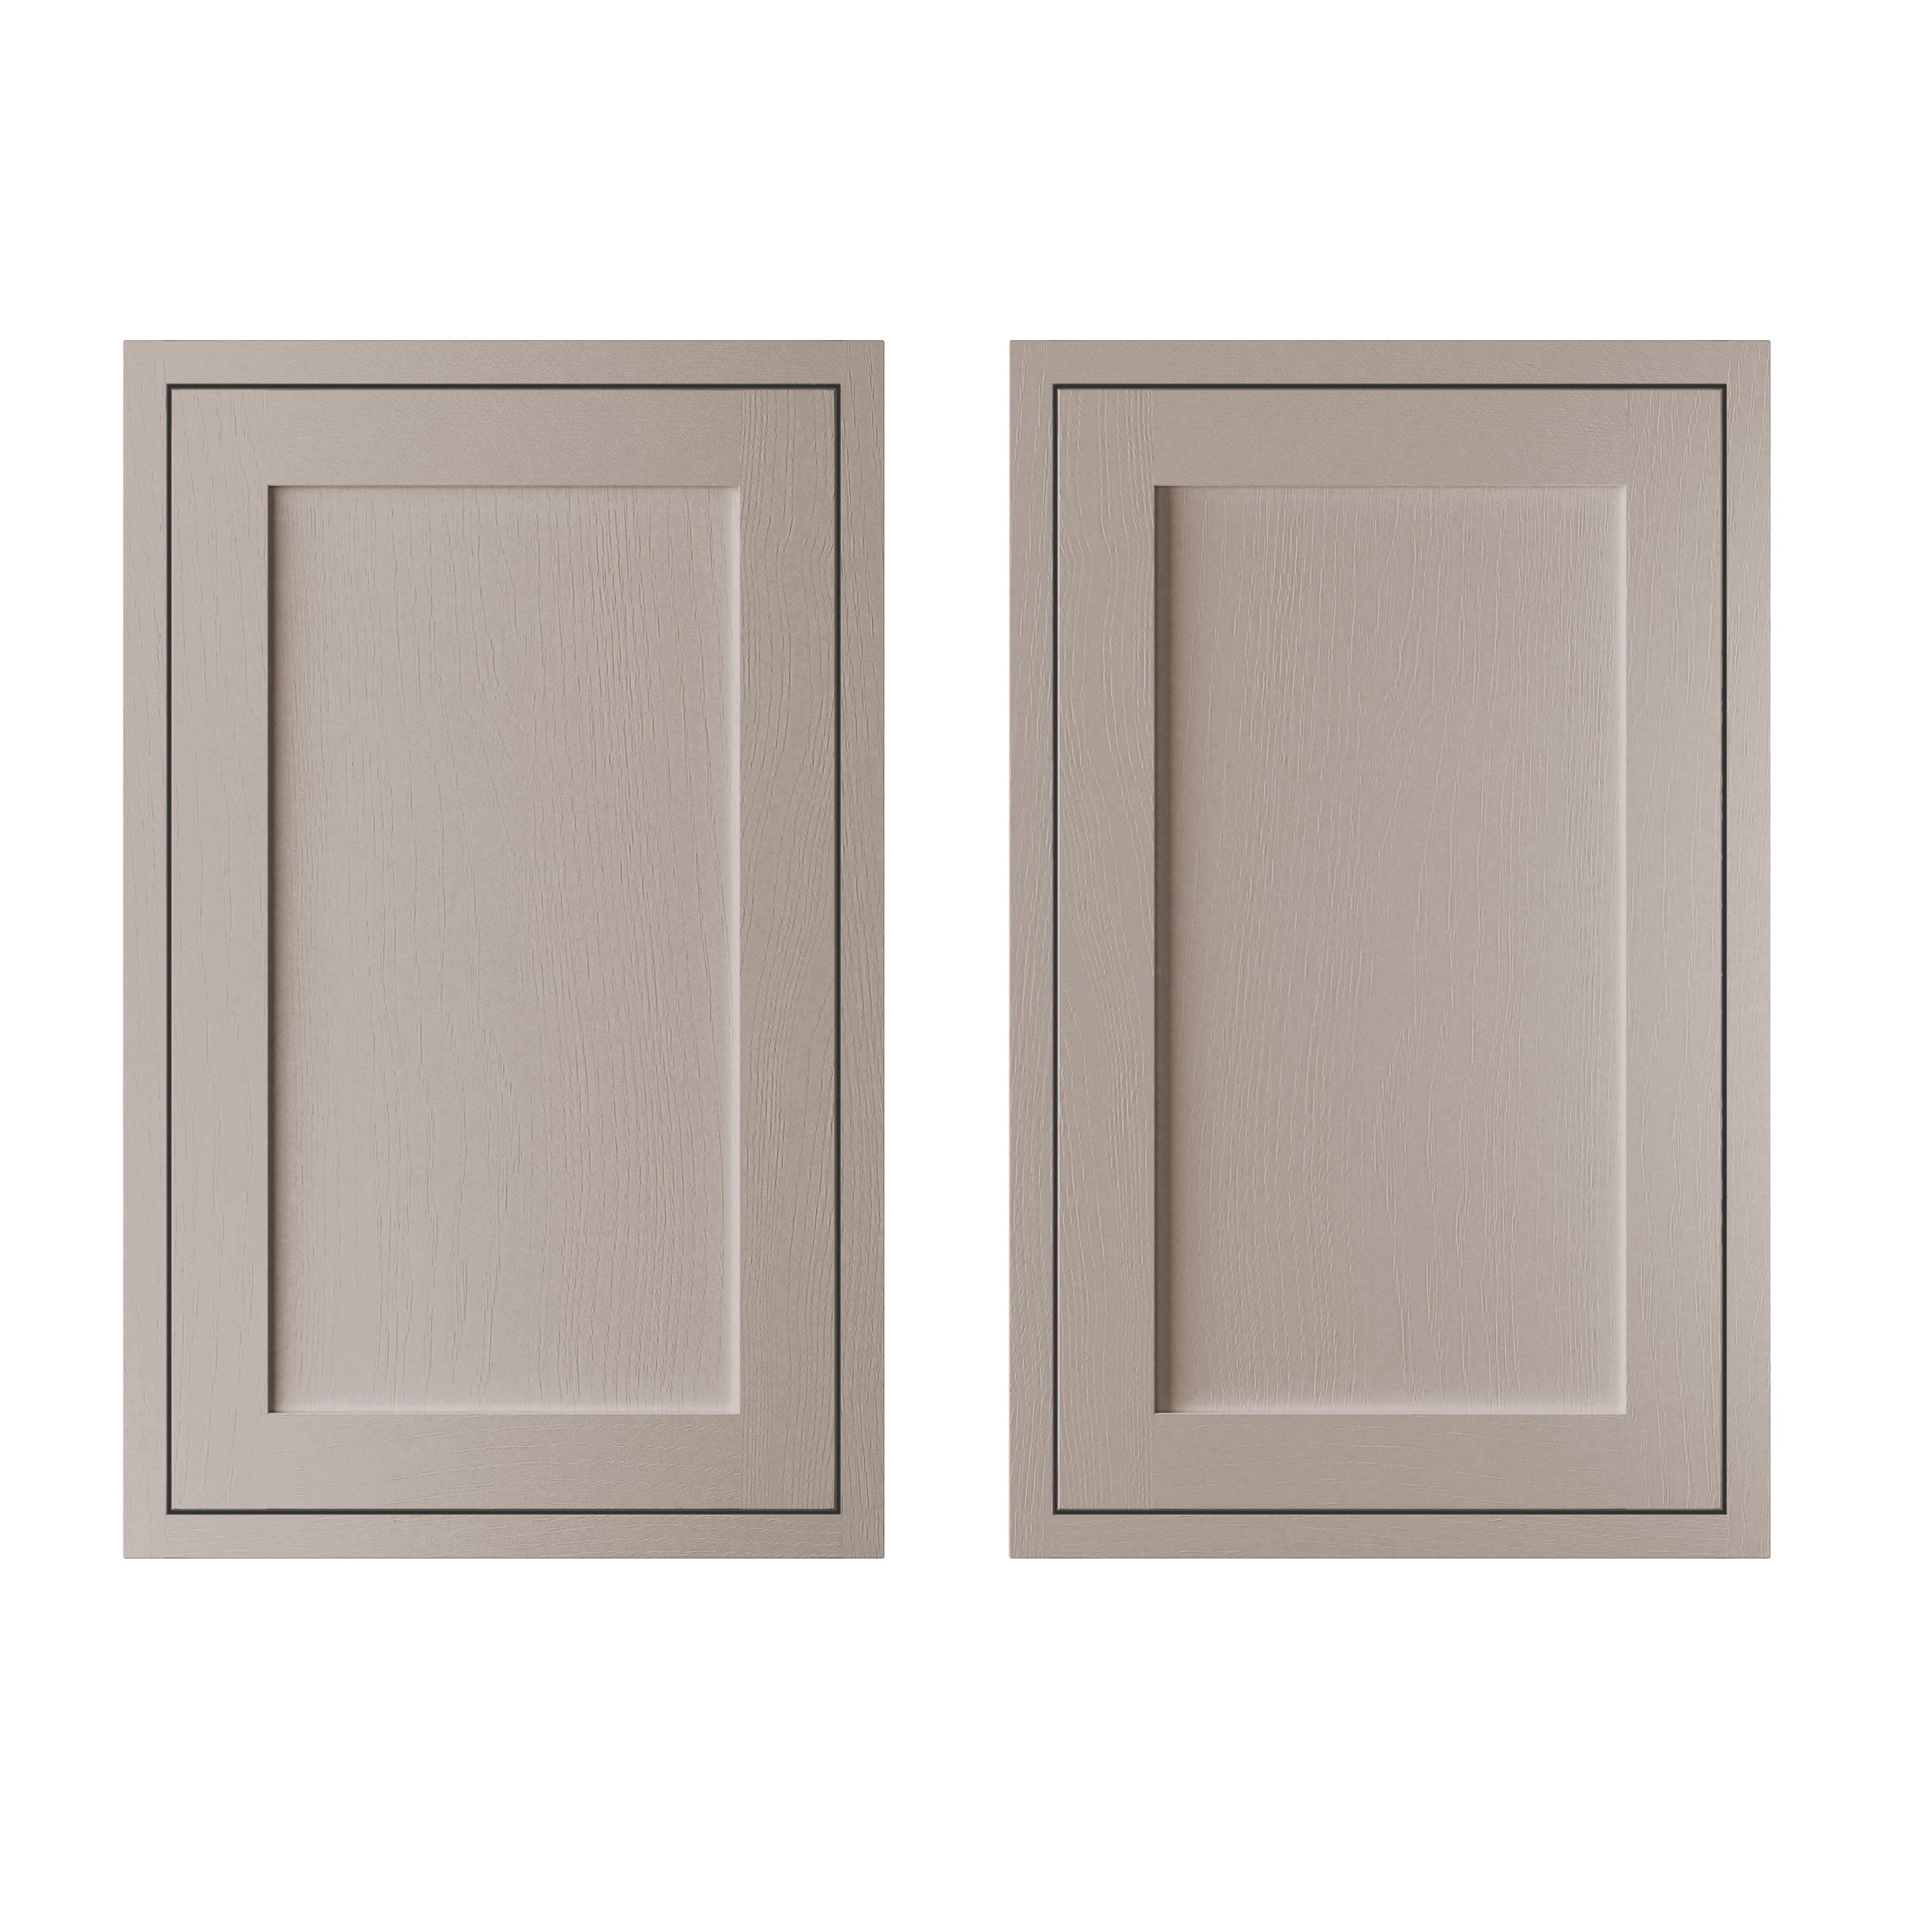 Cooke & Lewis Carisbrooke Taupe Framed Larder Door (w)600mm, Set Of 2